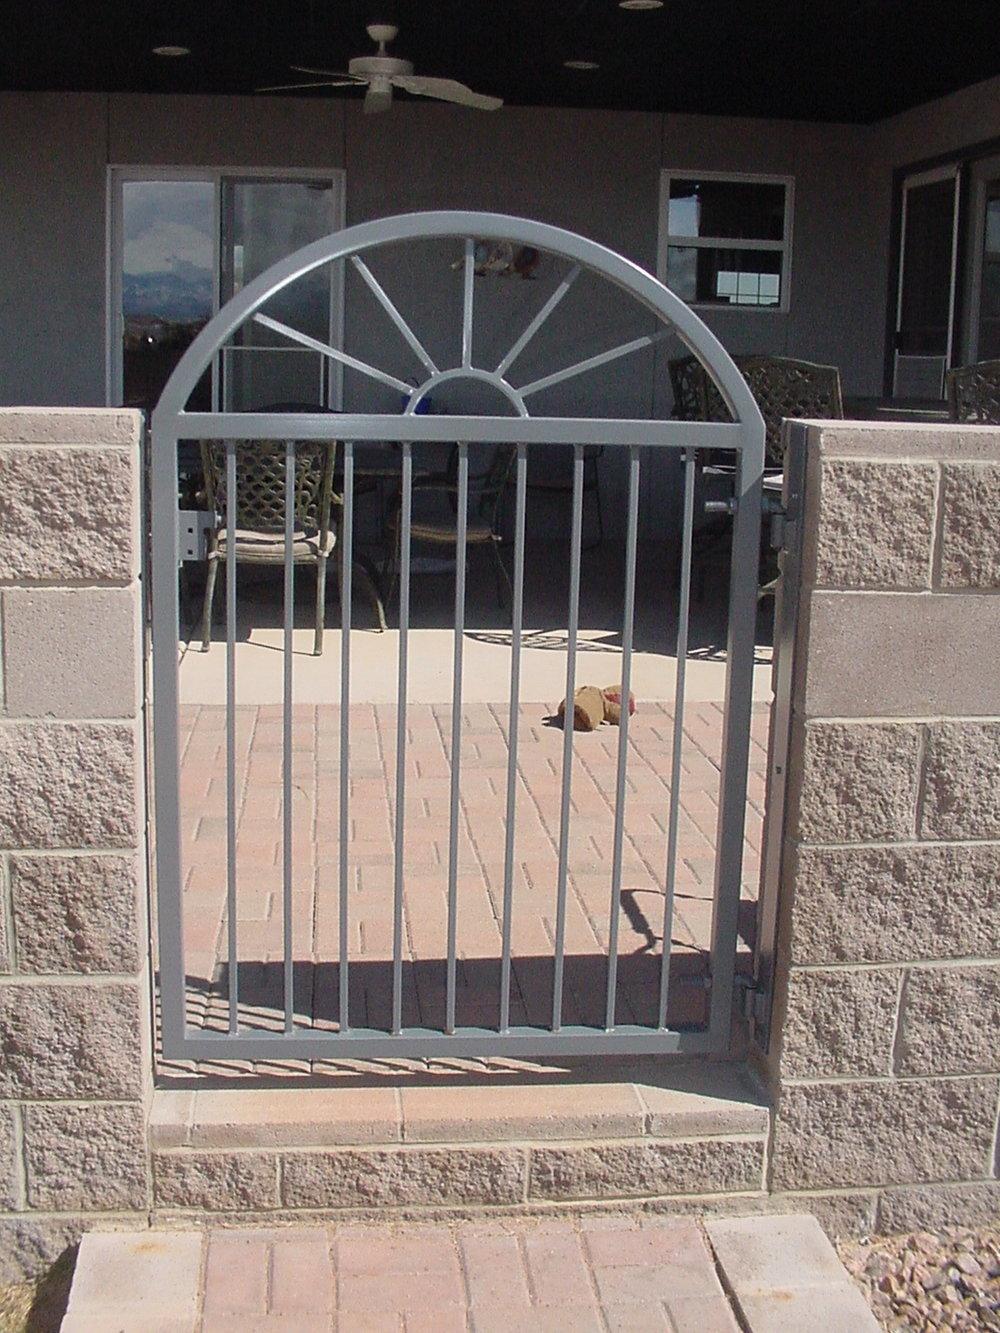 Saling Don gates0002.JPG